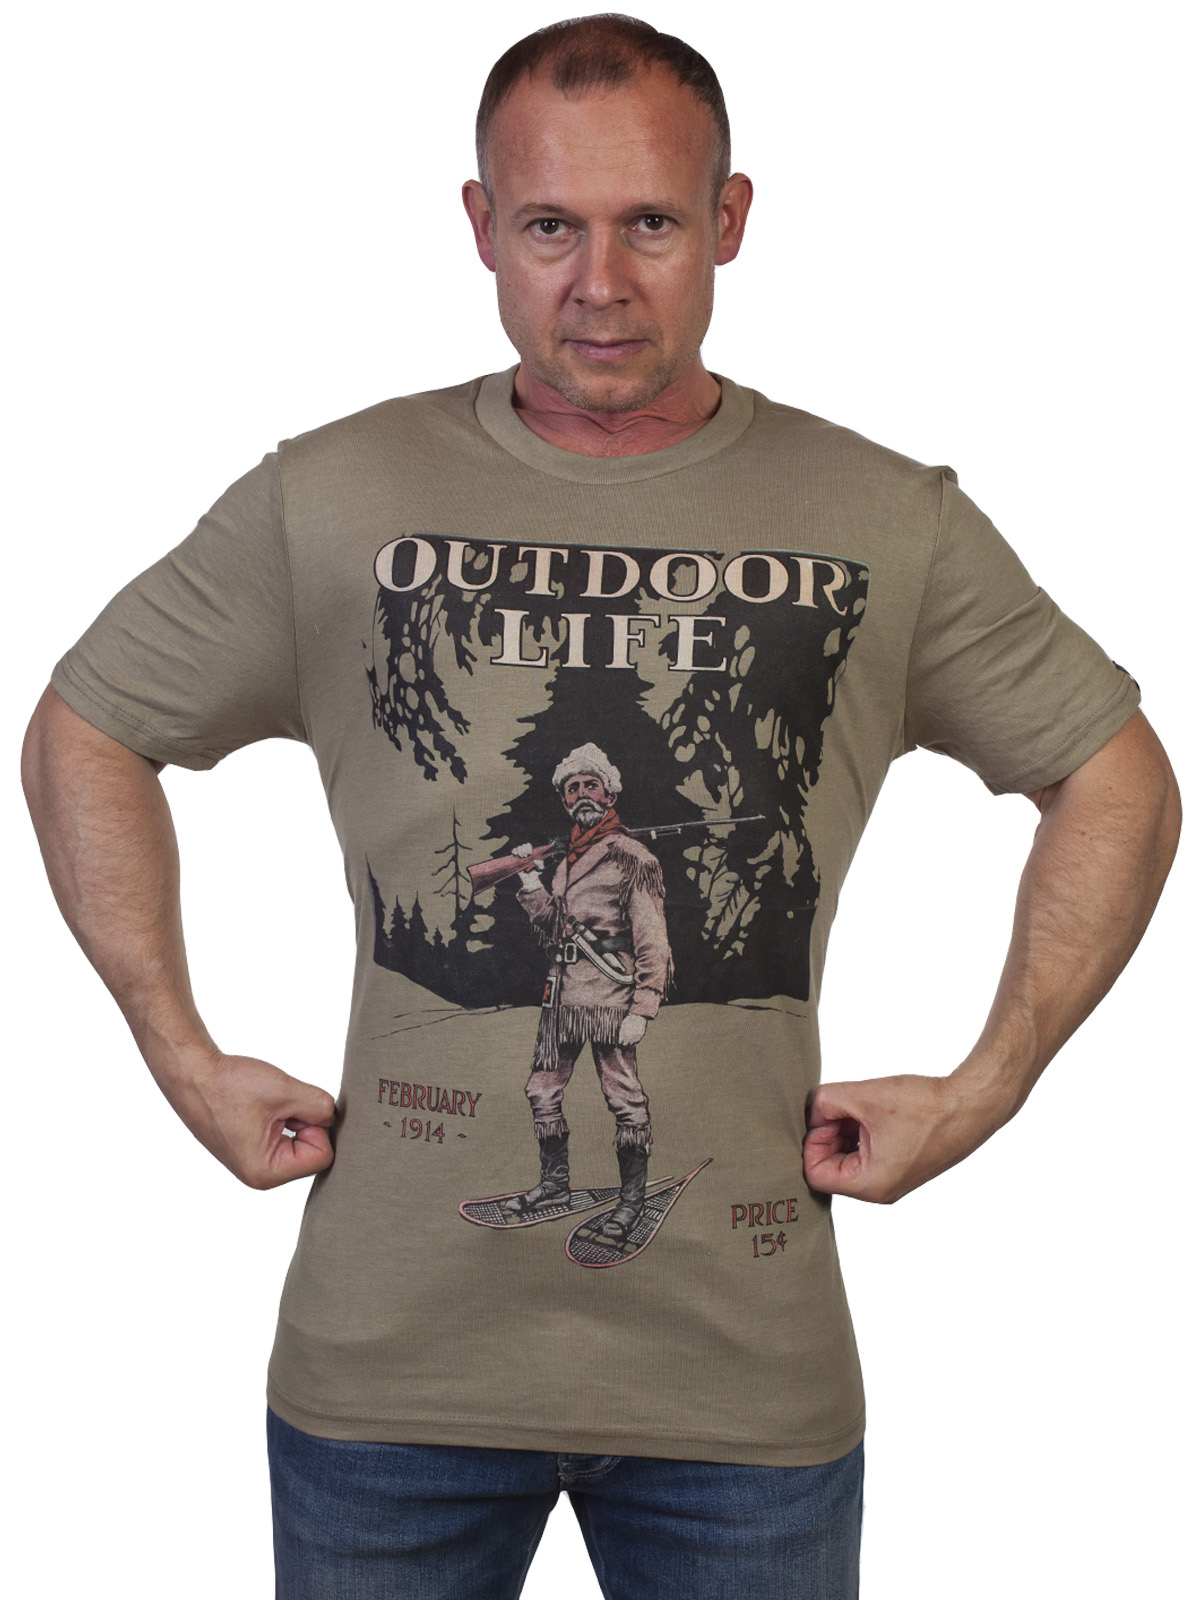 Недорогие мужские футболки – большая обнова каталога нашего интернет магазина